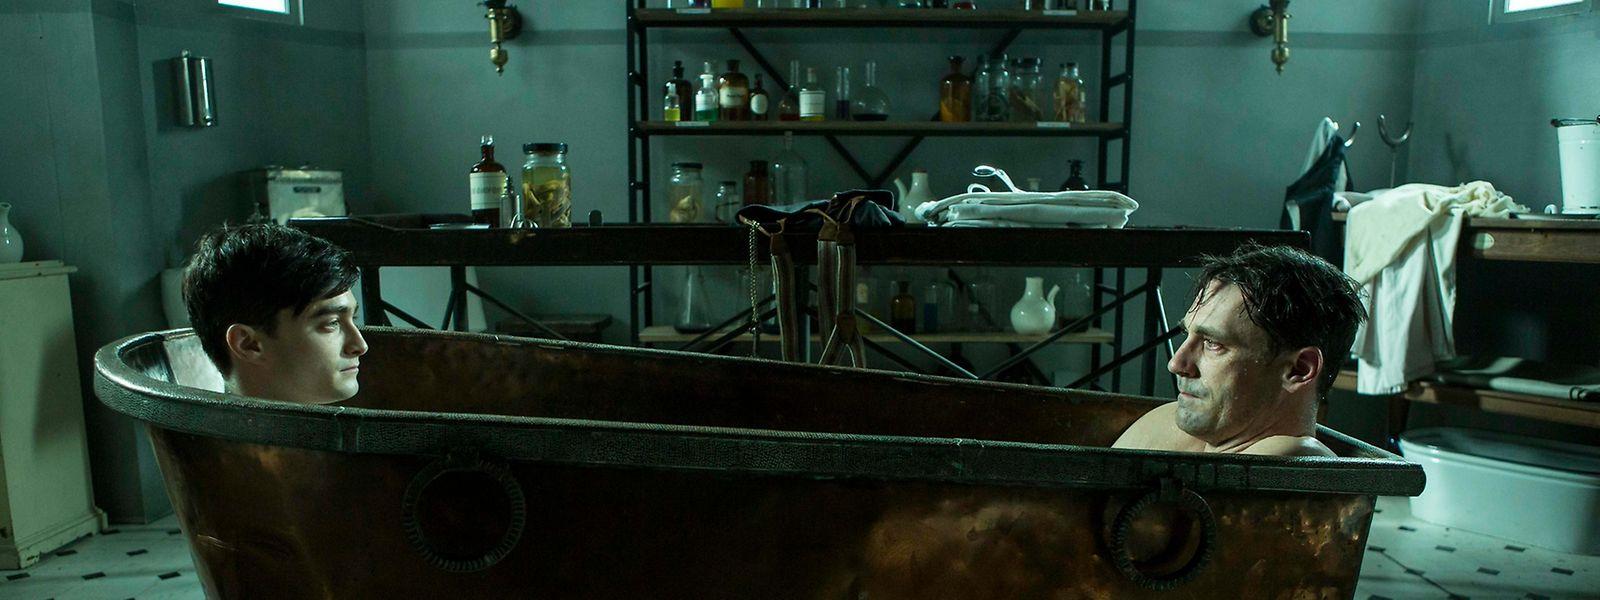 Morphium macht's möglich: Arzt Nika (Daniel Radcliffe, l.) tritt seinem eigenen älteren Ich (John Hamm) gegenüber – in der Wanne!